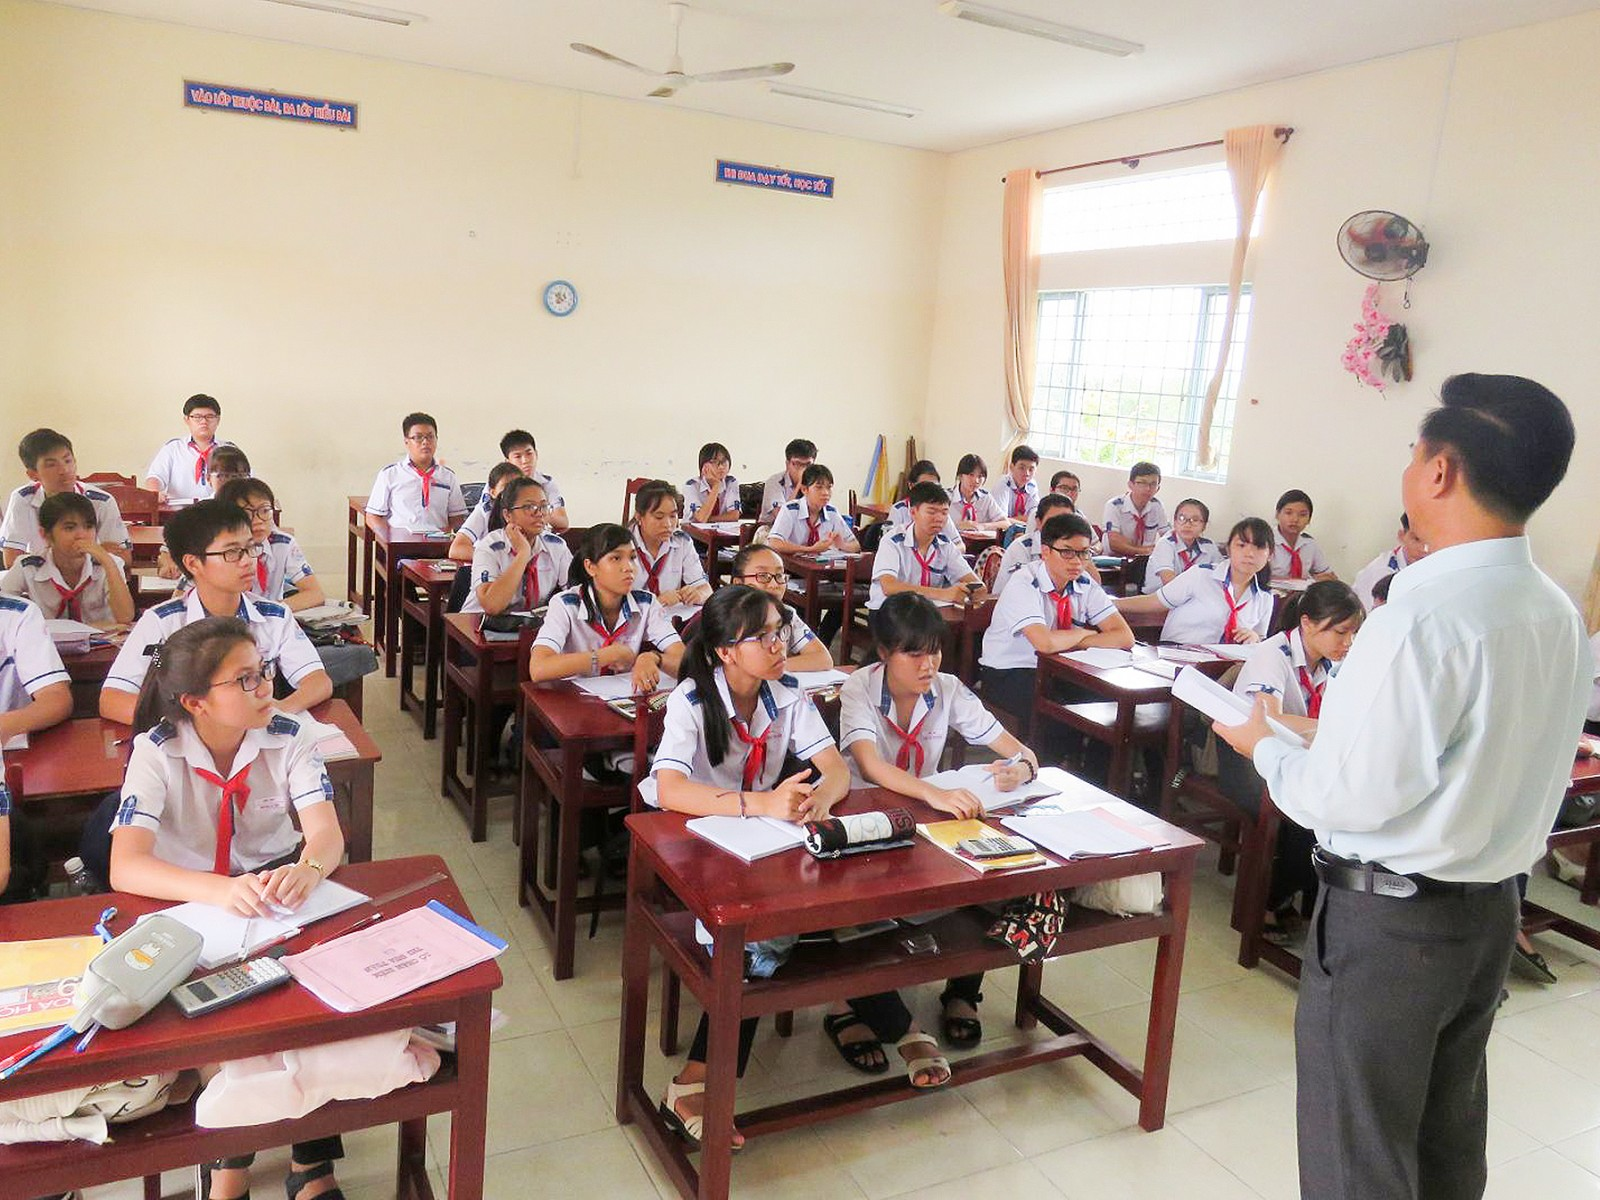 Nâng cao hiệu quả phân luồng học sinh sau tốt nghiệp phổ thông góp phần  nâng chất hệ GDTX. Trong ảnh: Một buổi hướng nghiệp cho học sinh lớp 9 Trường THCS Bình Thủy.